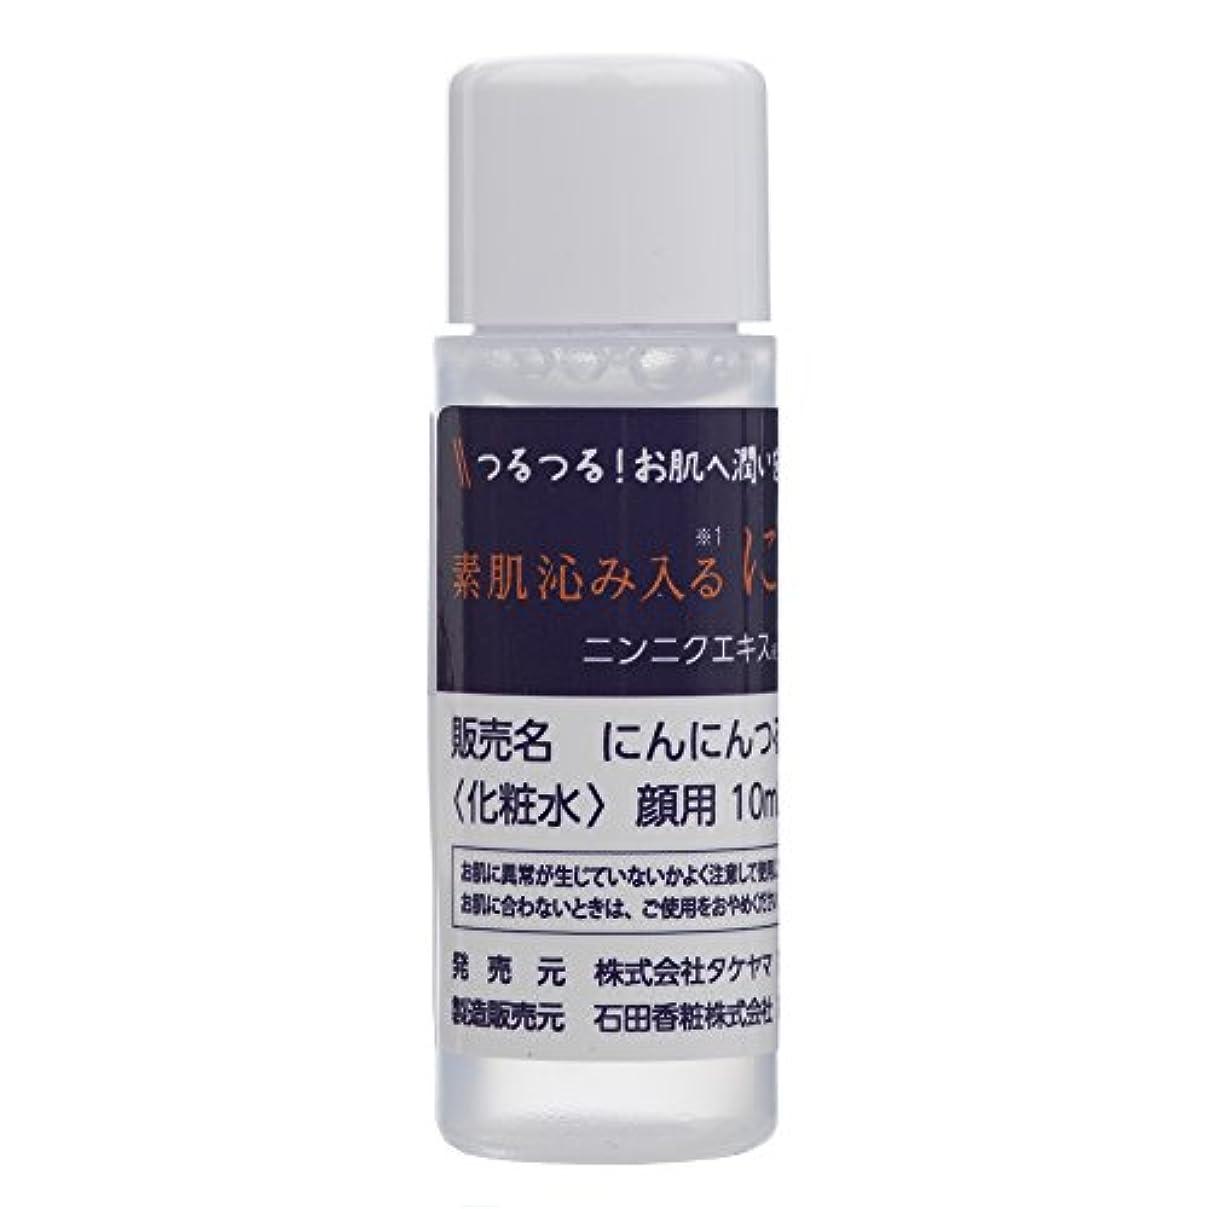 色シエスタ消毒剤にんにんつるり お肌の健康と潤いを保つ化粧水です。 10ml